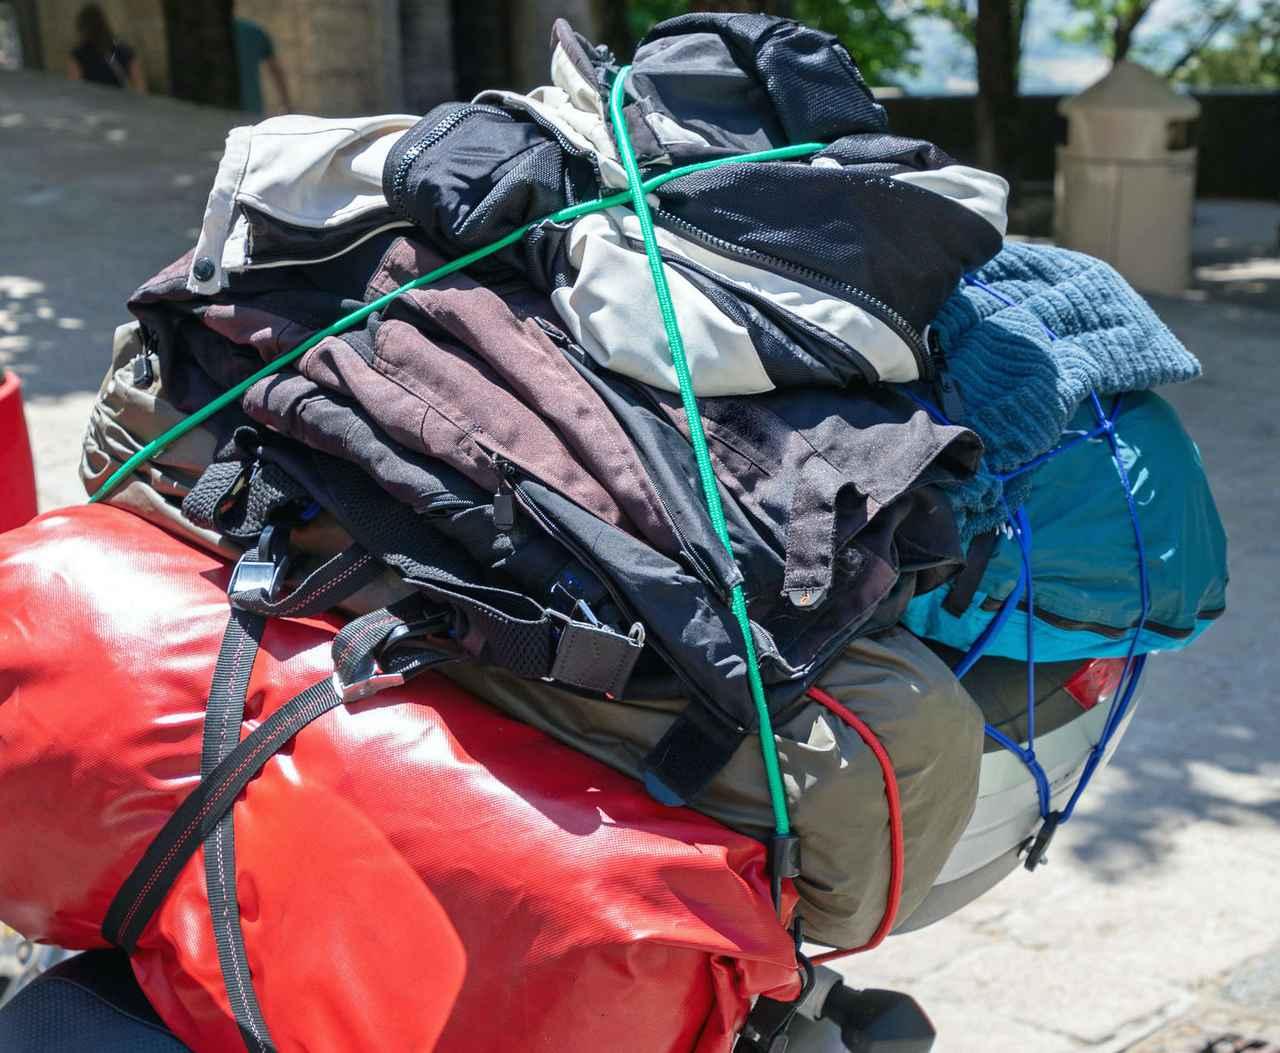 画像: 【ポイント3】荷物を積載する場所を確認する 原付バイクはリアキャリアなどで収納力をあげるのがおすすめ